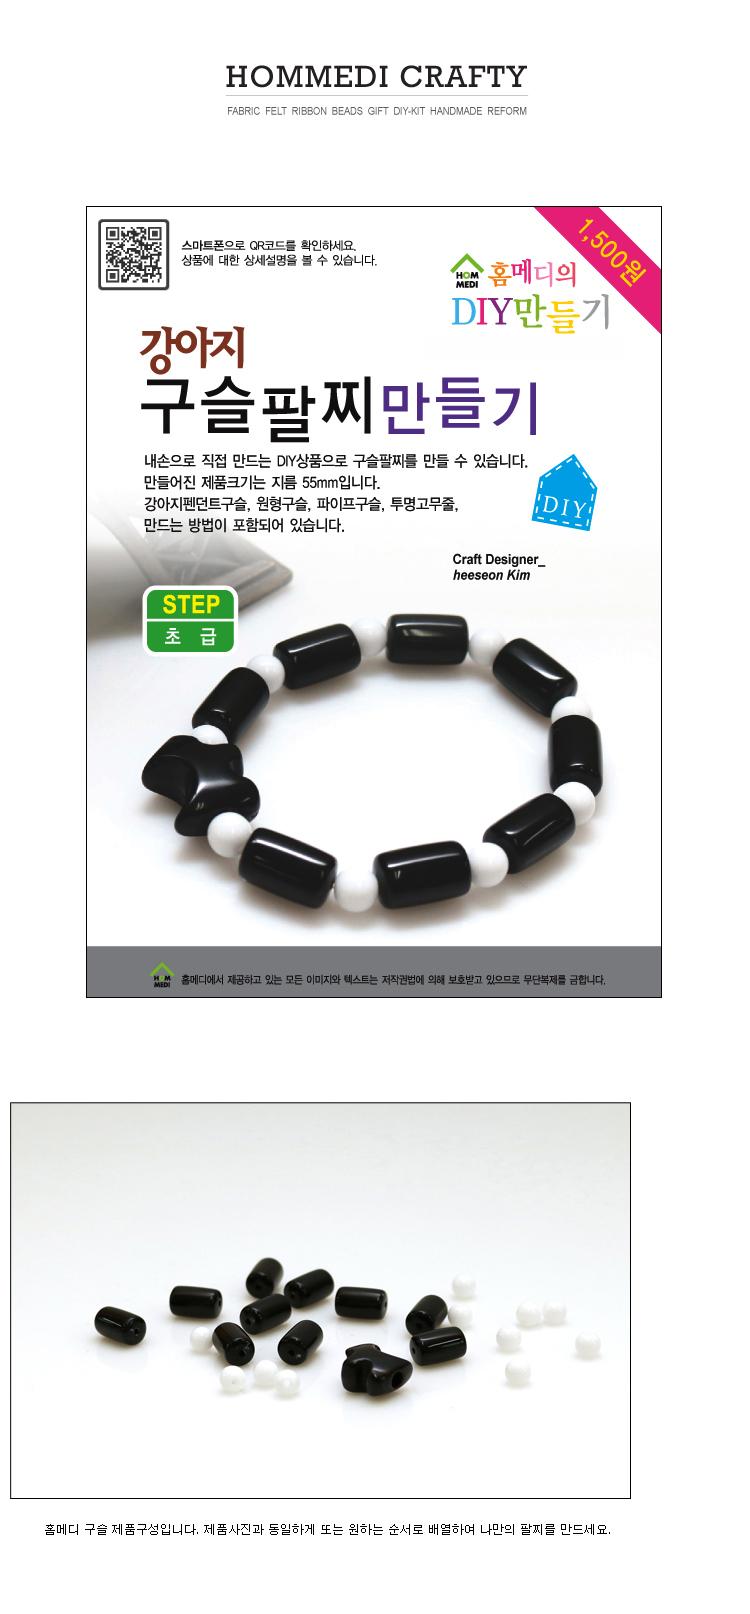 홈메디 강아지 구슬팔찌 만들기 - 홈메디, 1,500원, 주얼리 DIY, 팔찌/발찌